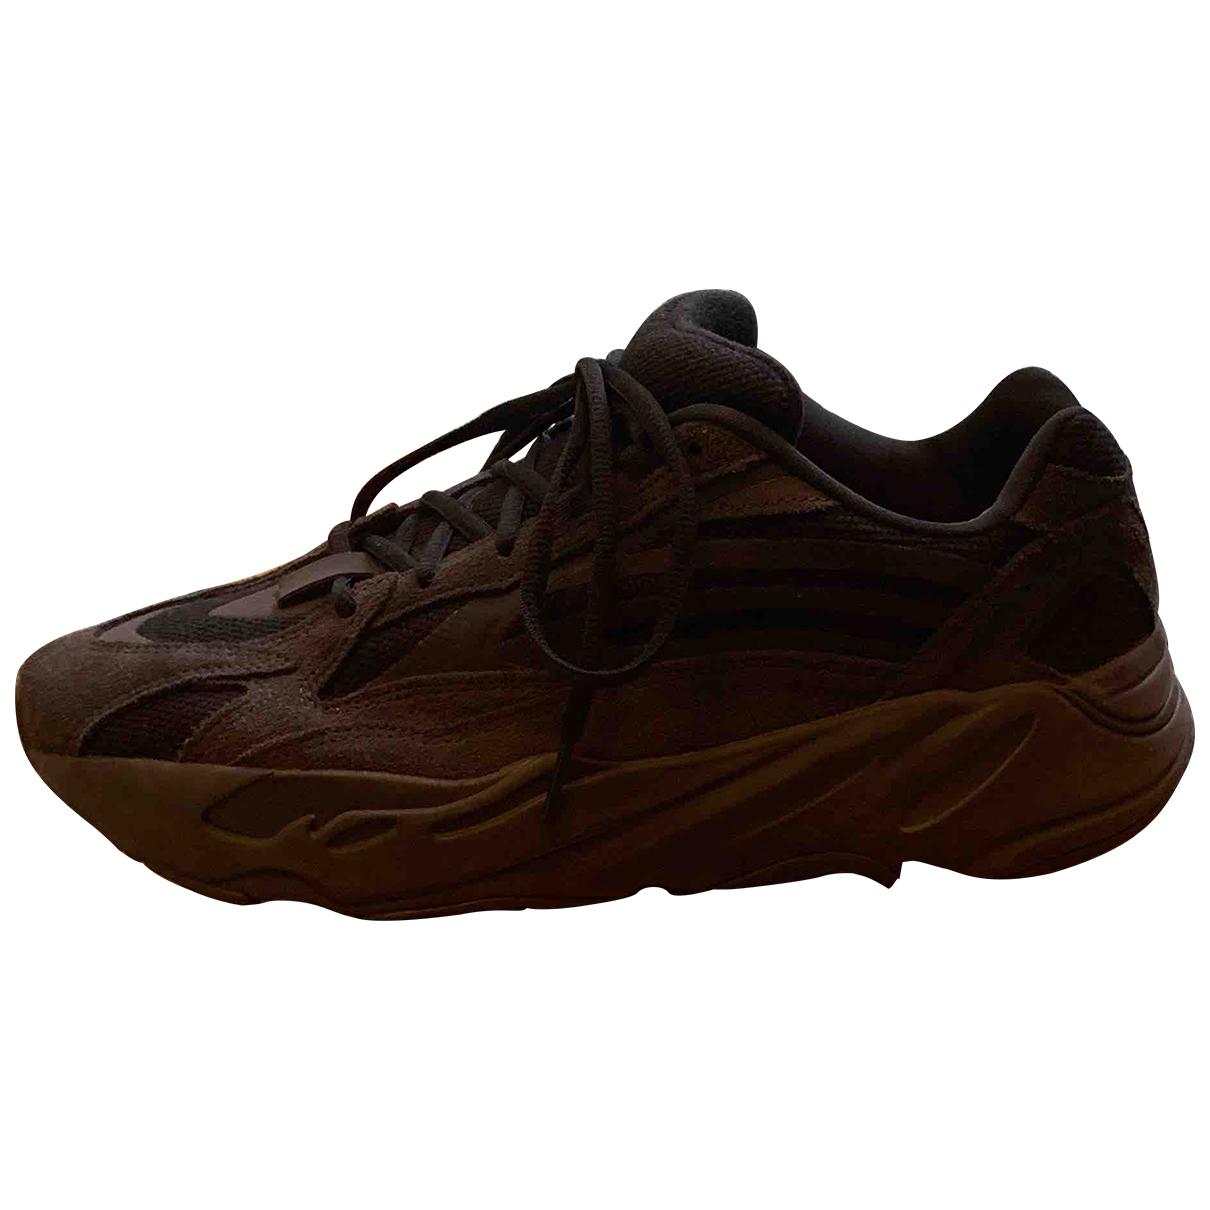 Yeezy X Adidas - Baskets Boost 700 V2 pour homme en toile - noir